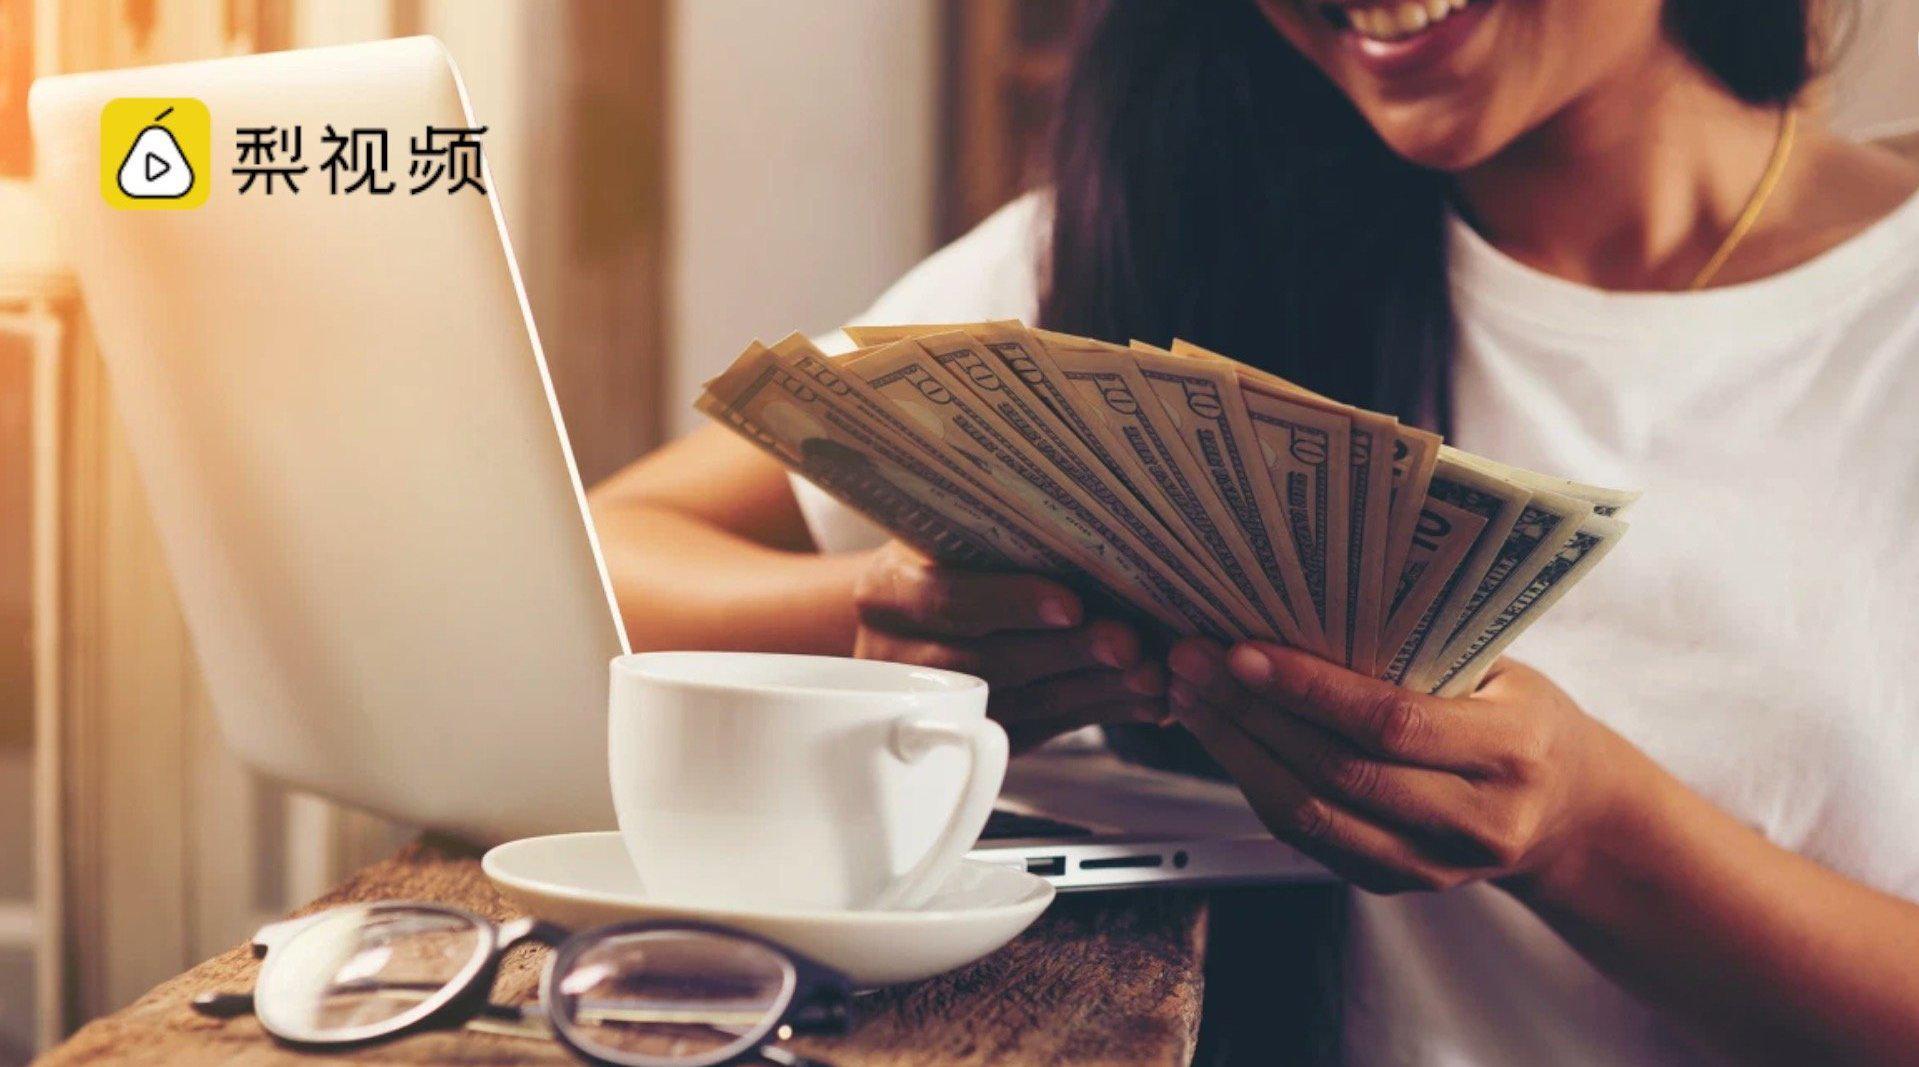 42年连续调查4万美国人,美国研究称金钱可以买到幸福 ……